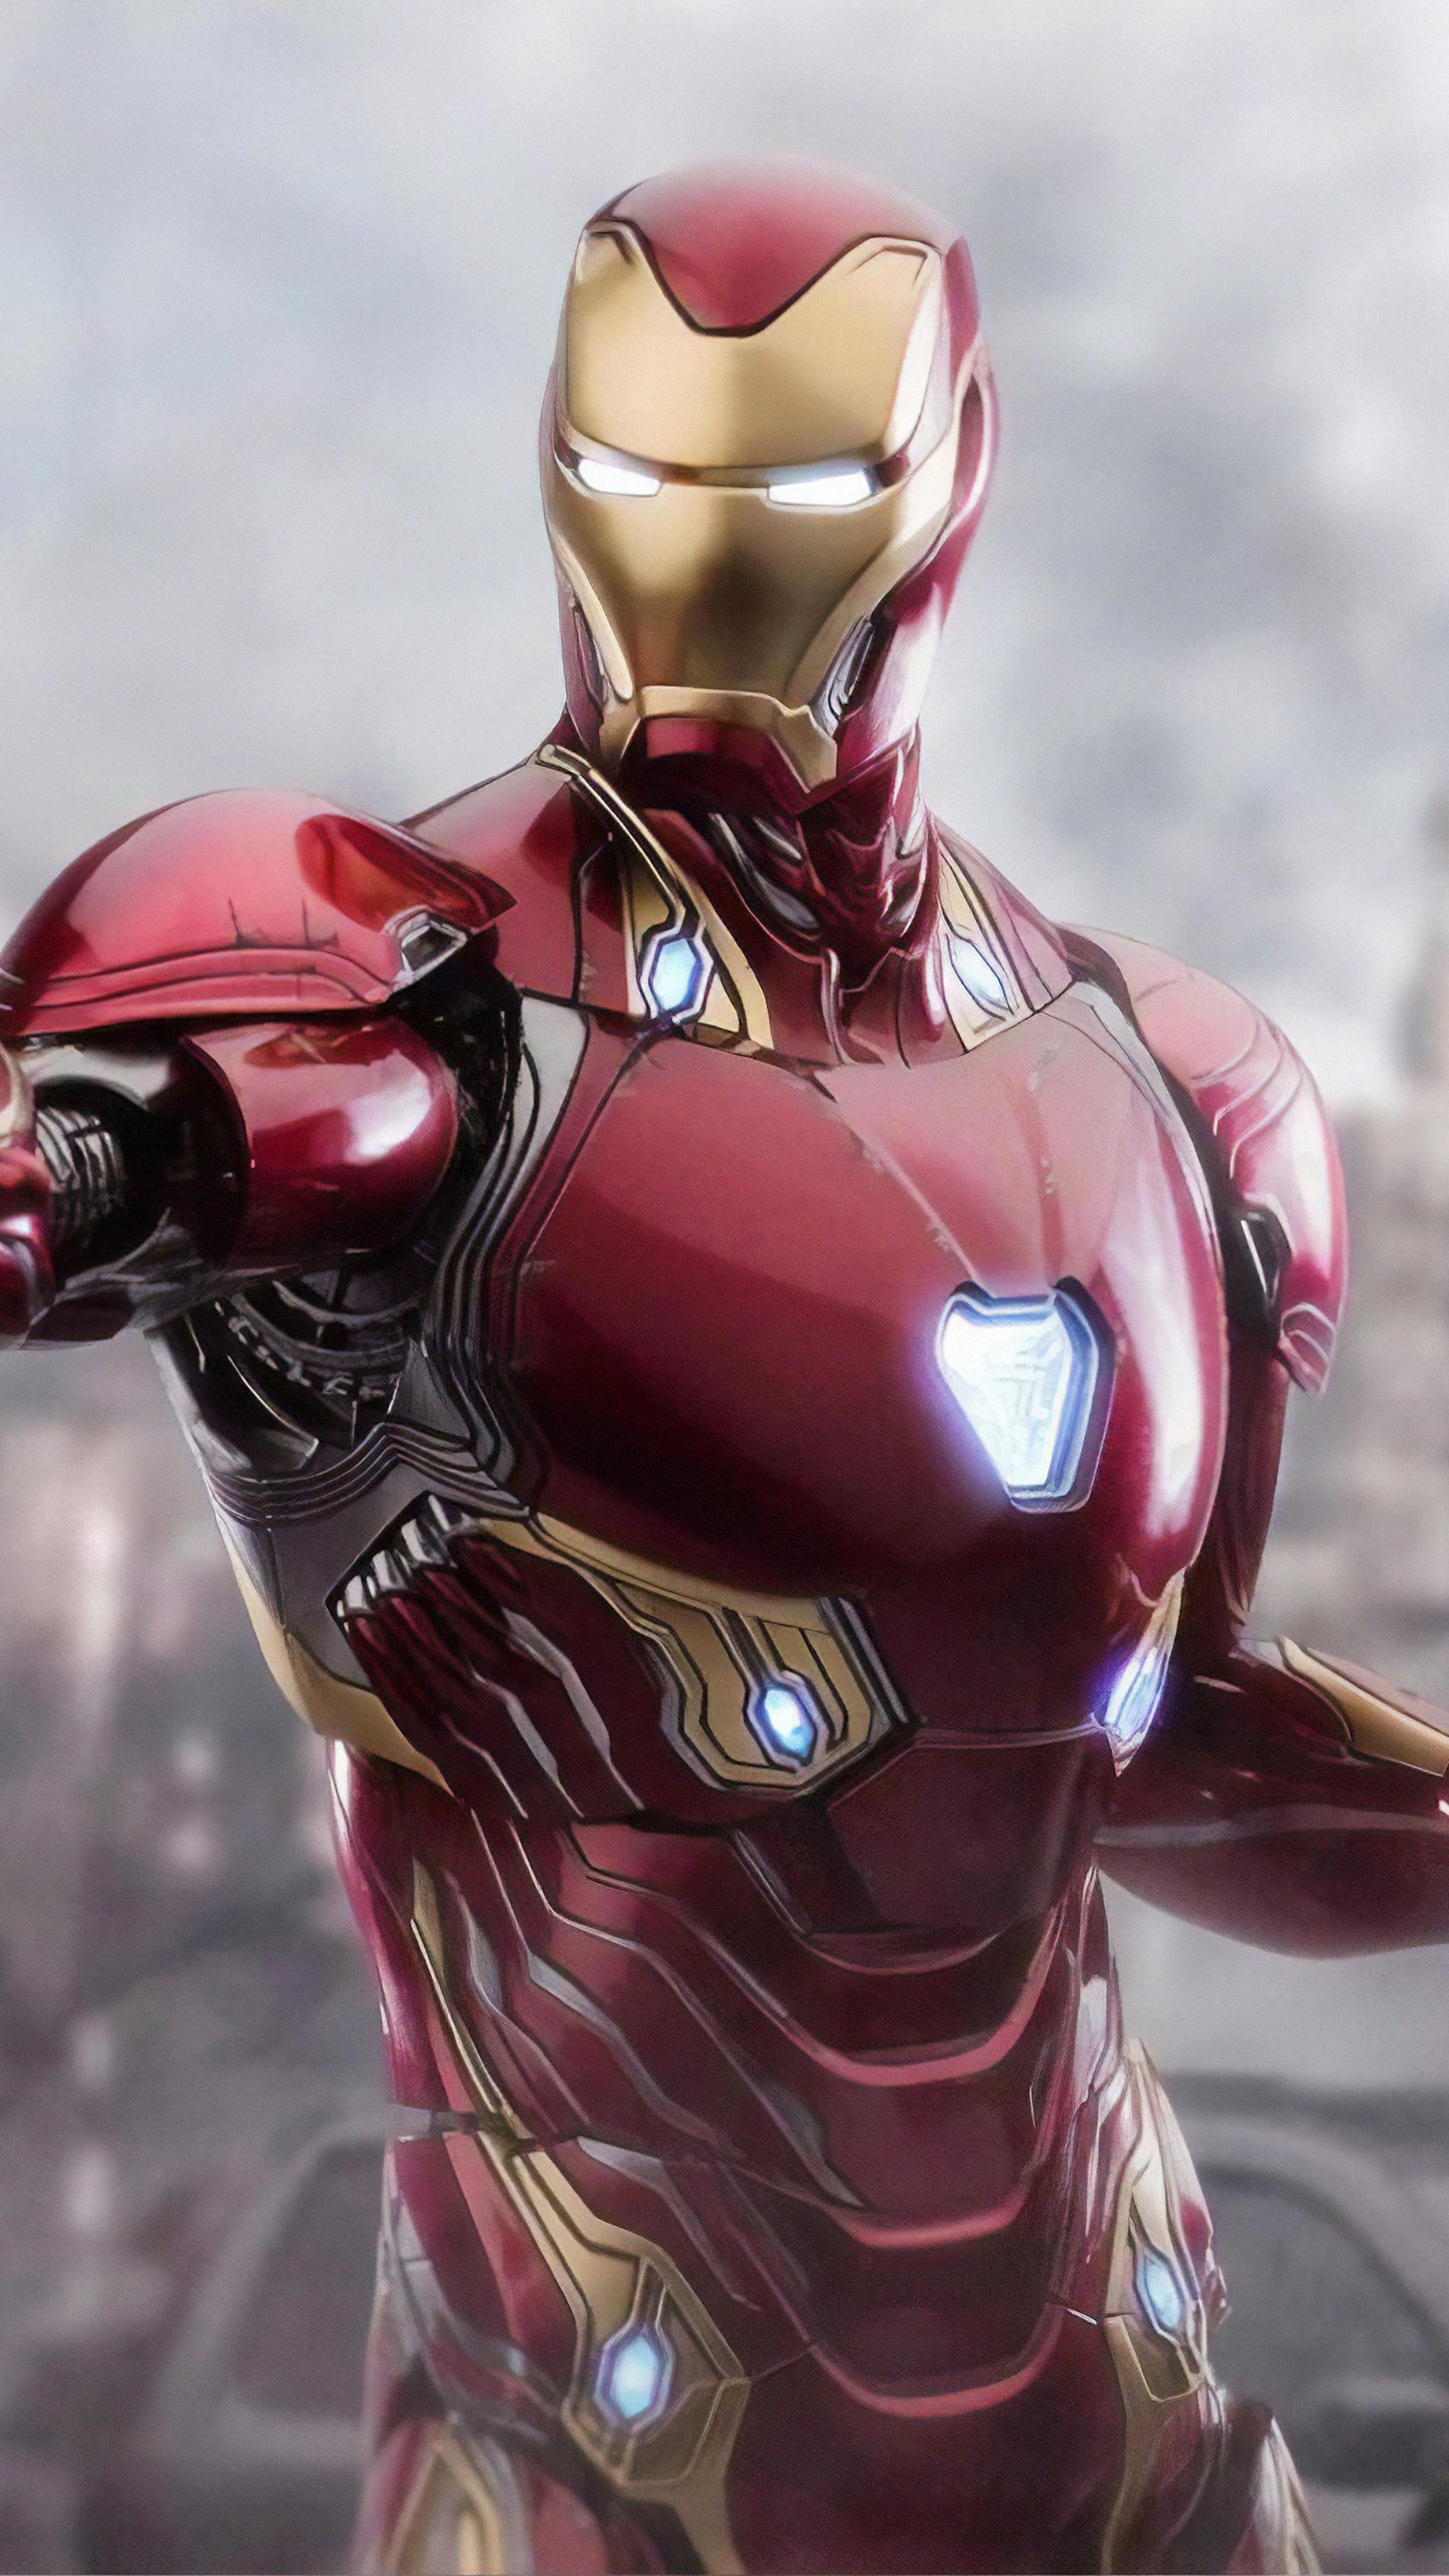 2160x3840 4k Iron Man Endgame Sony Xperia X,XZ,Z5 Premium ...